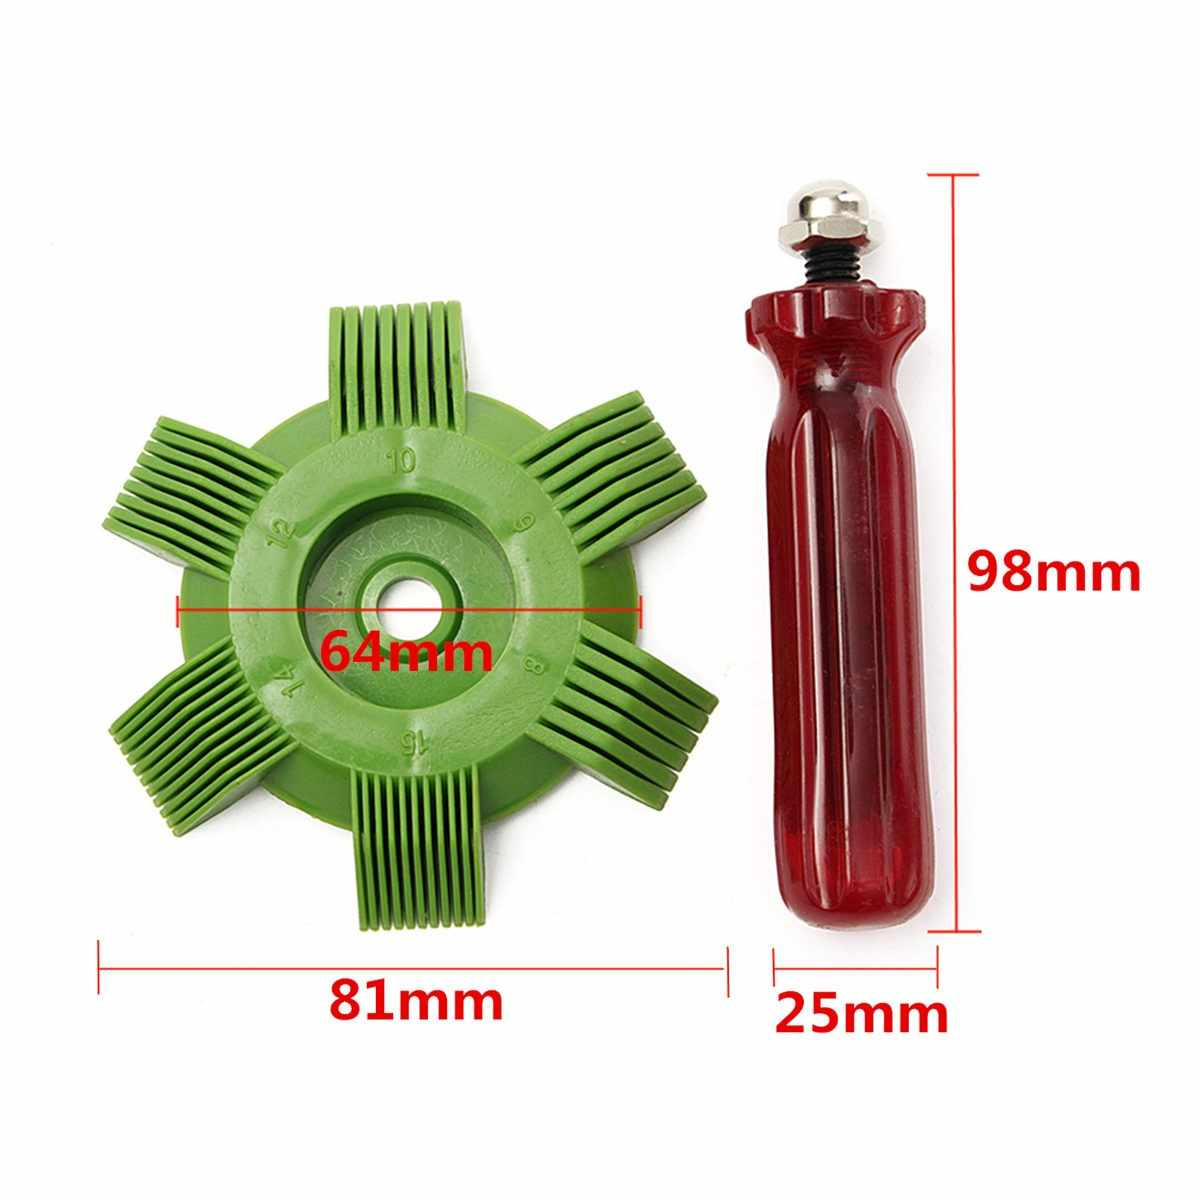 Universal Car A/C radiador aleta de condensación peine aire acondicionado bobina enderezadora herramienta de limpieza Auto sistema de refrigeración herramientas de reparación